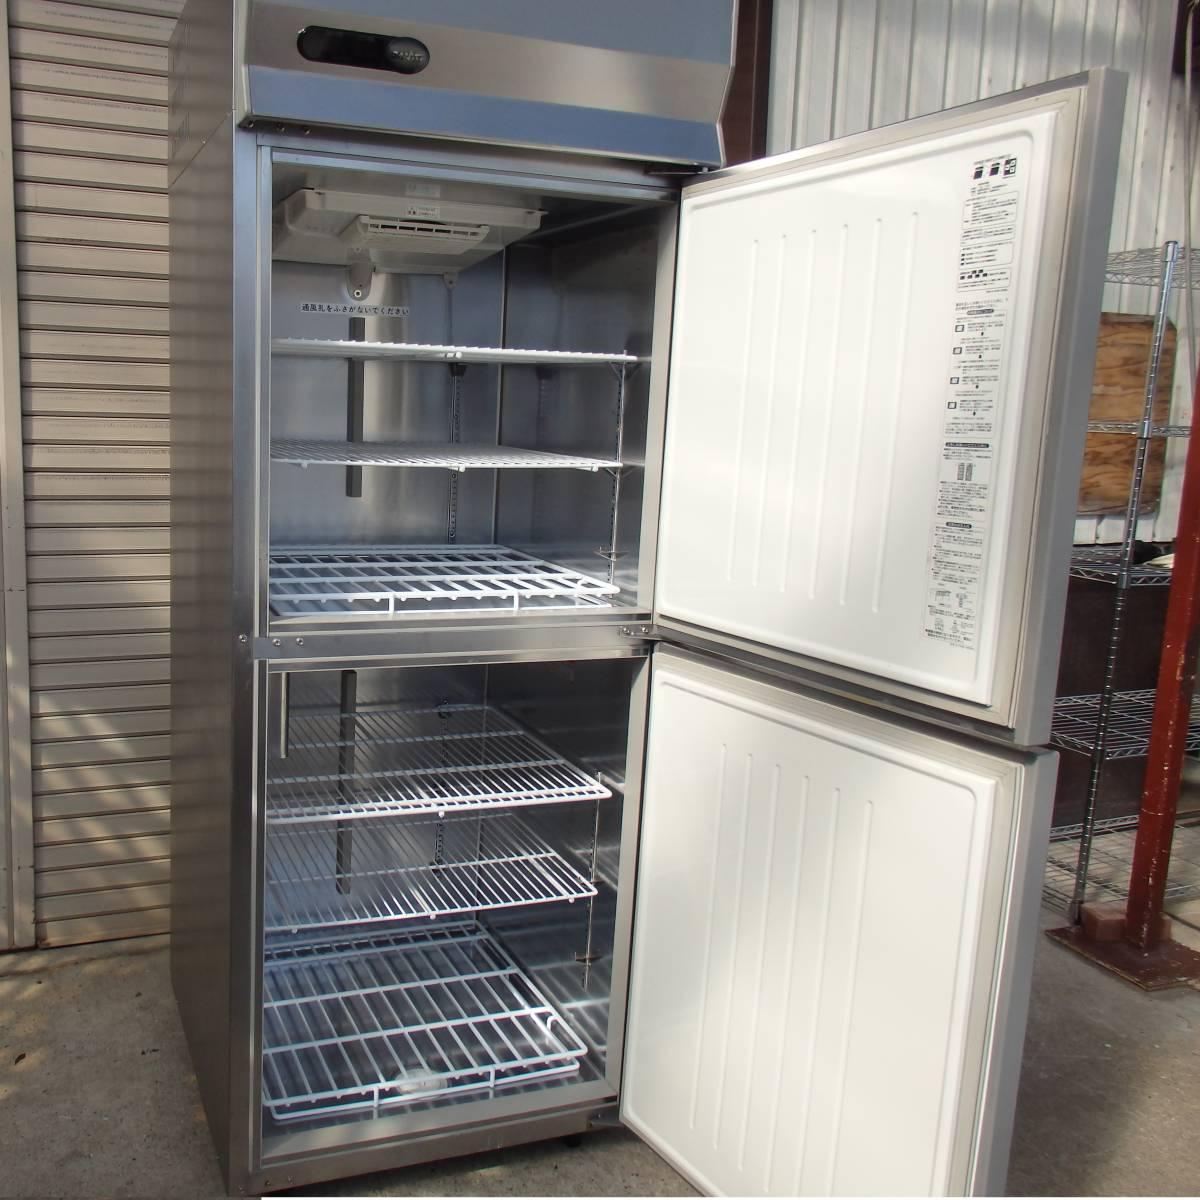 姫路 業務用 冷凍冷蔵庫 【SRR-G781C】 サンヨー 100V_画像4